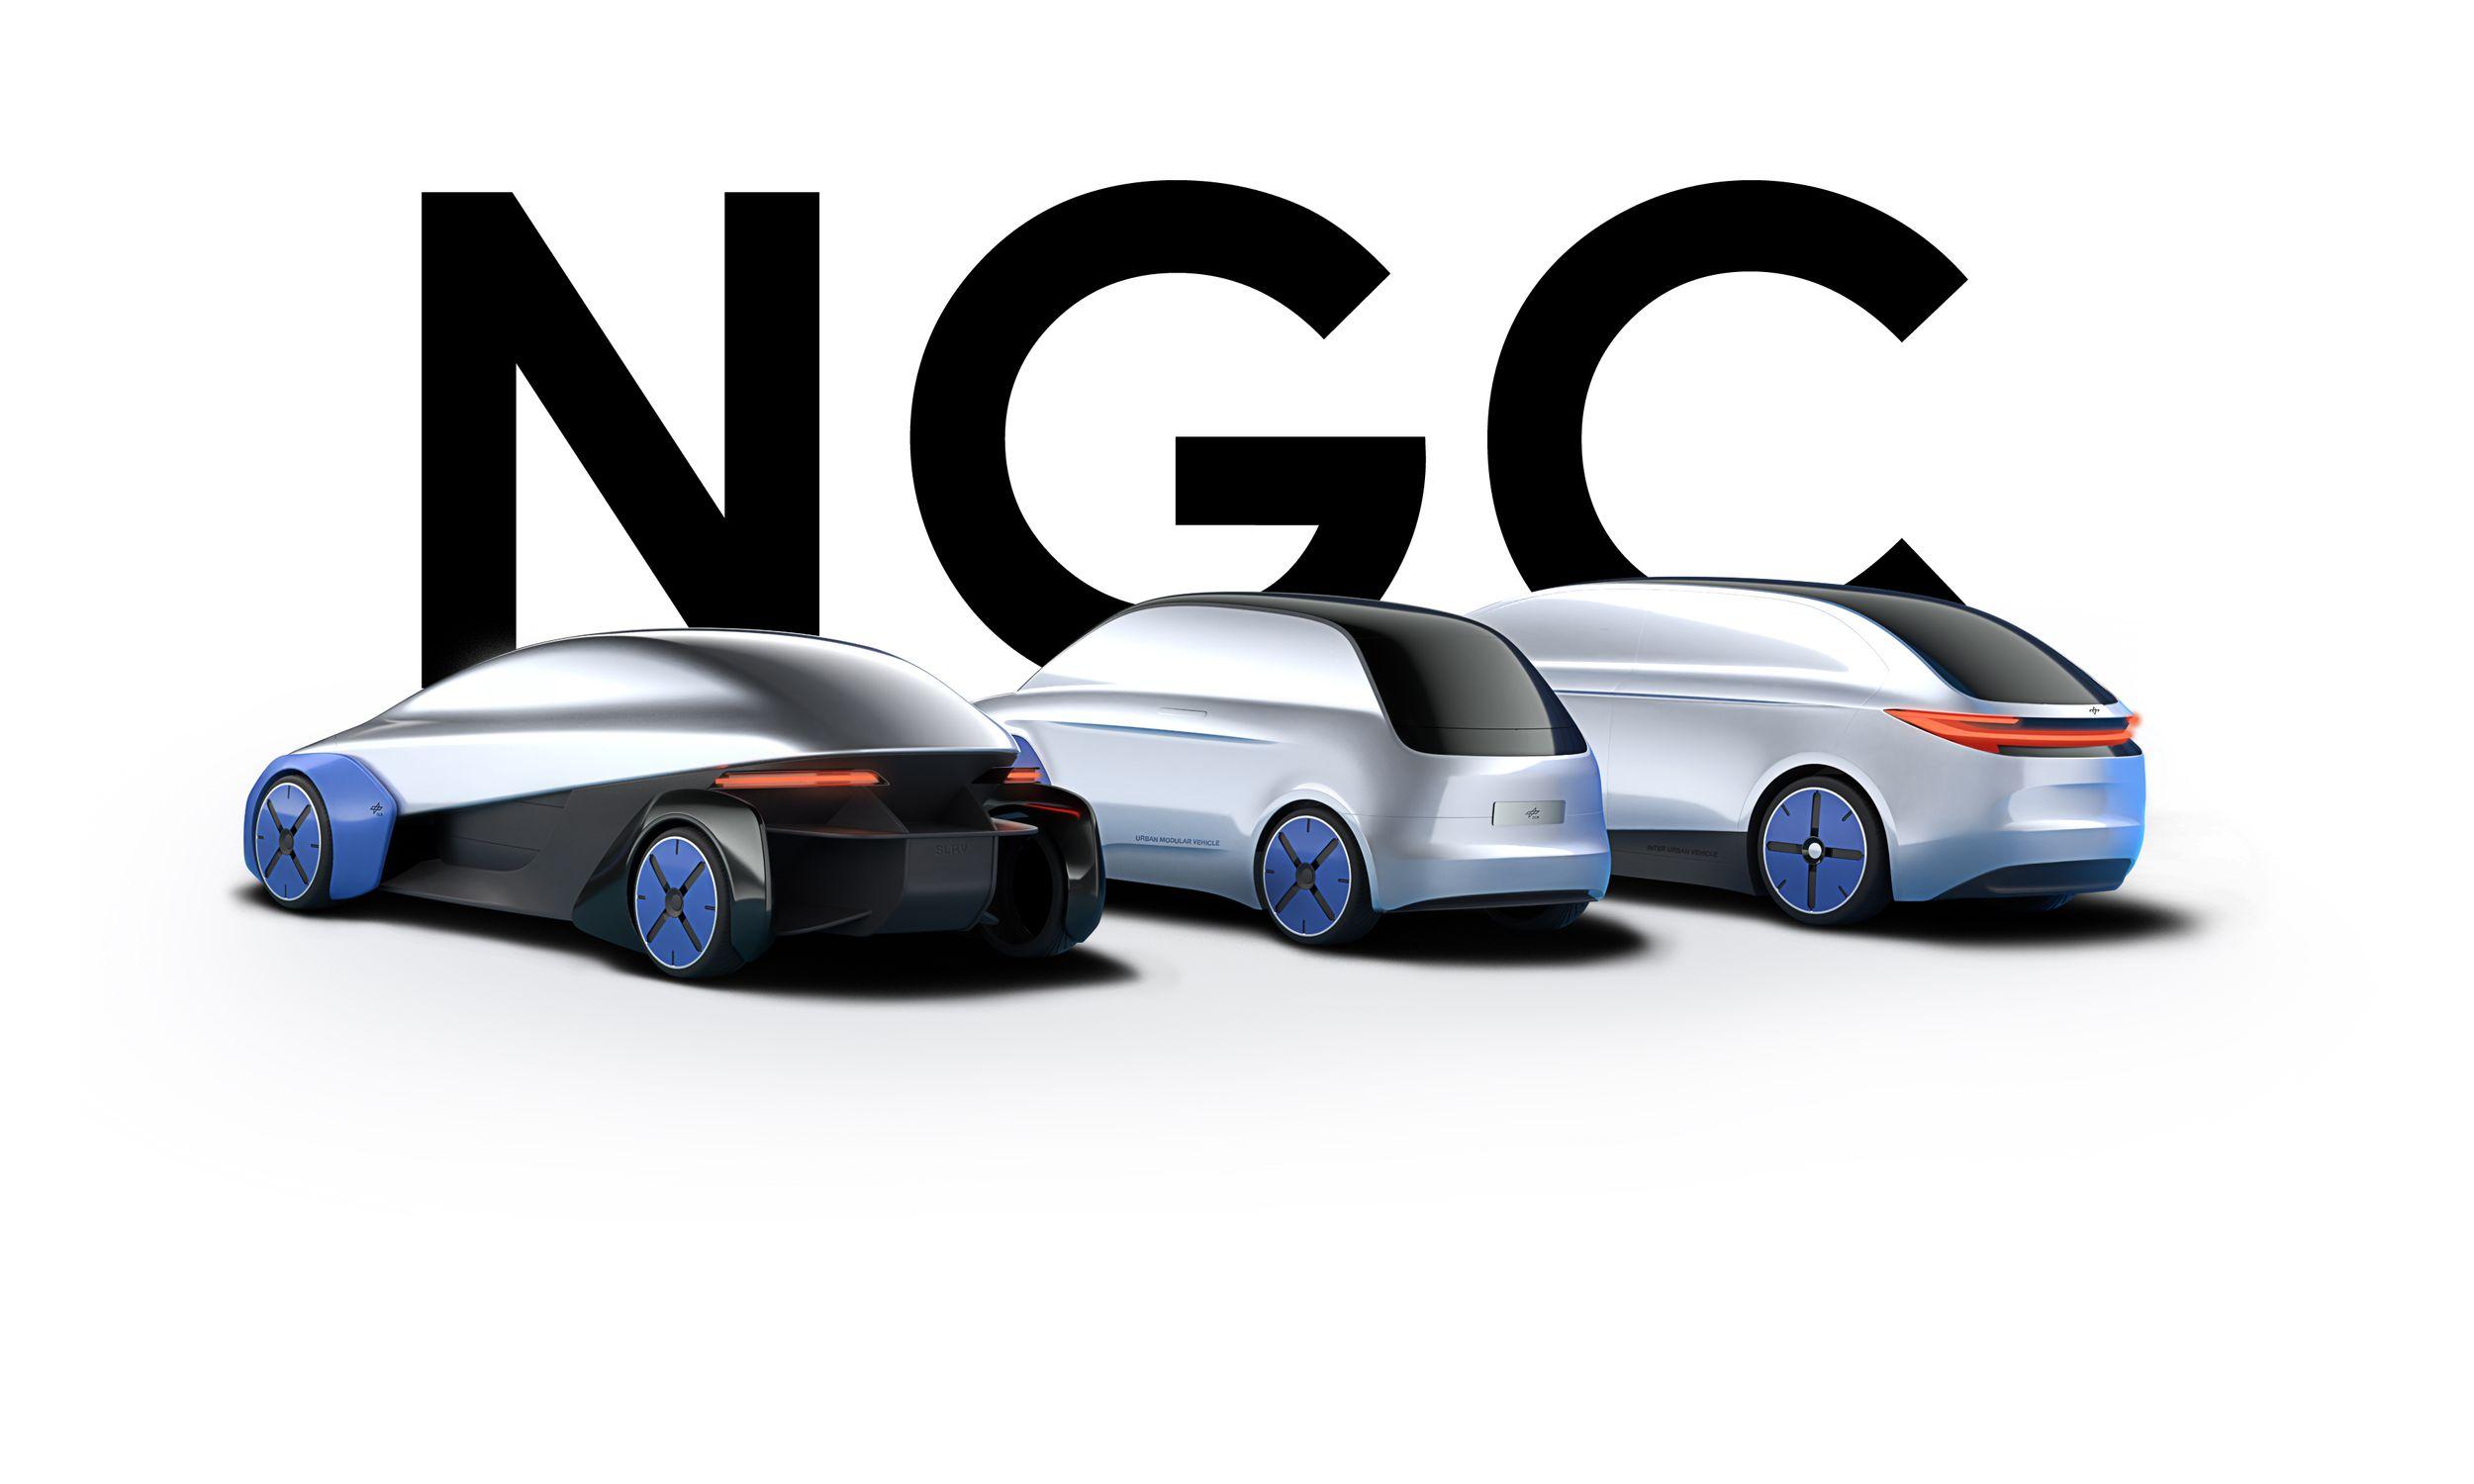 Next Generation Car: Das Fahrzeug der Zukunft ist modular - Im Projekt Next Generation Car entwickelt das DLR Fahrzeugkonzepte auf der Basis einer einzigen Plattform. (Bild: DLR)